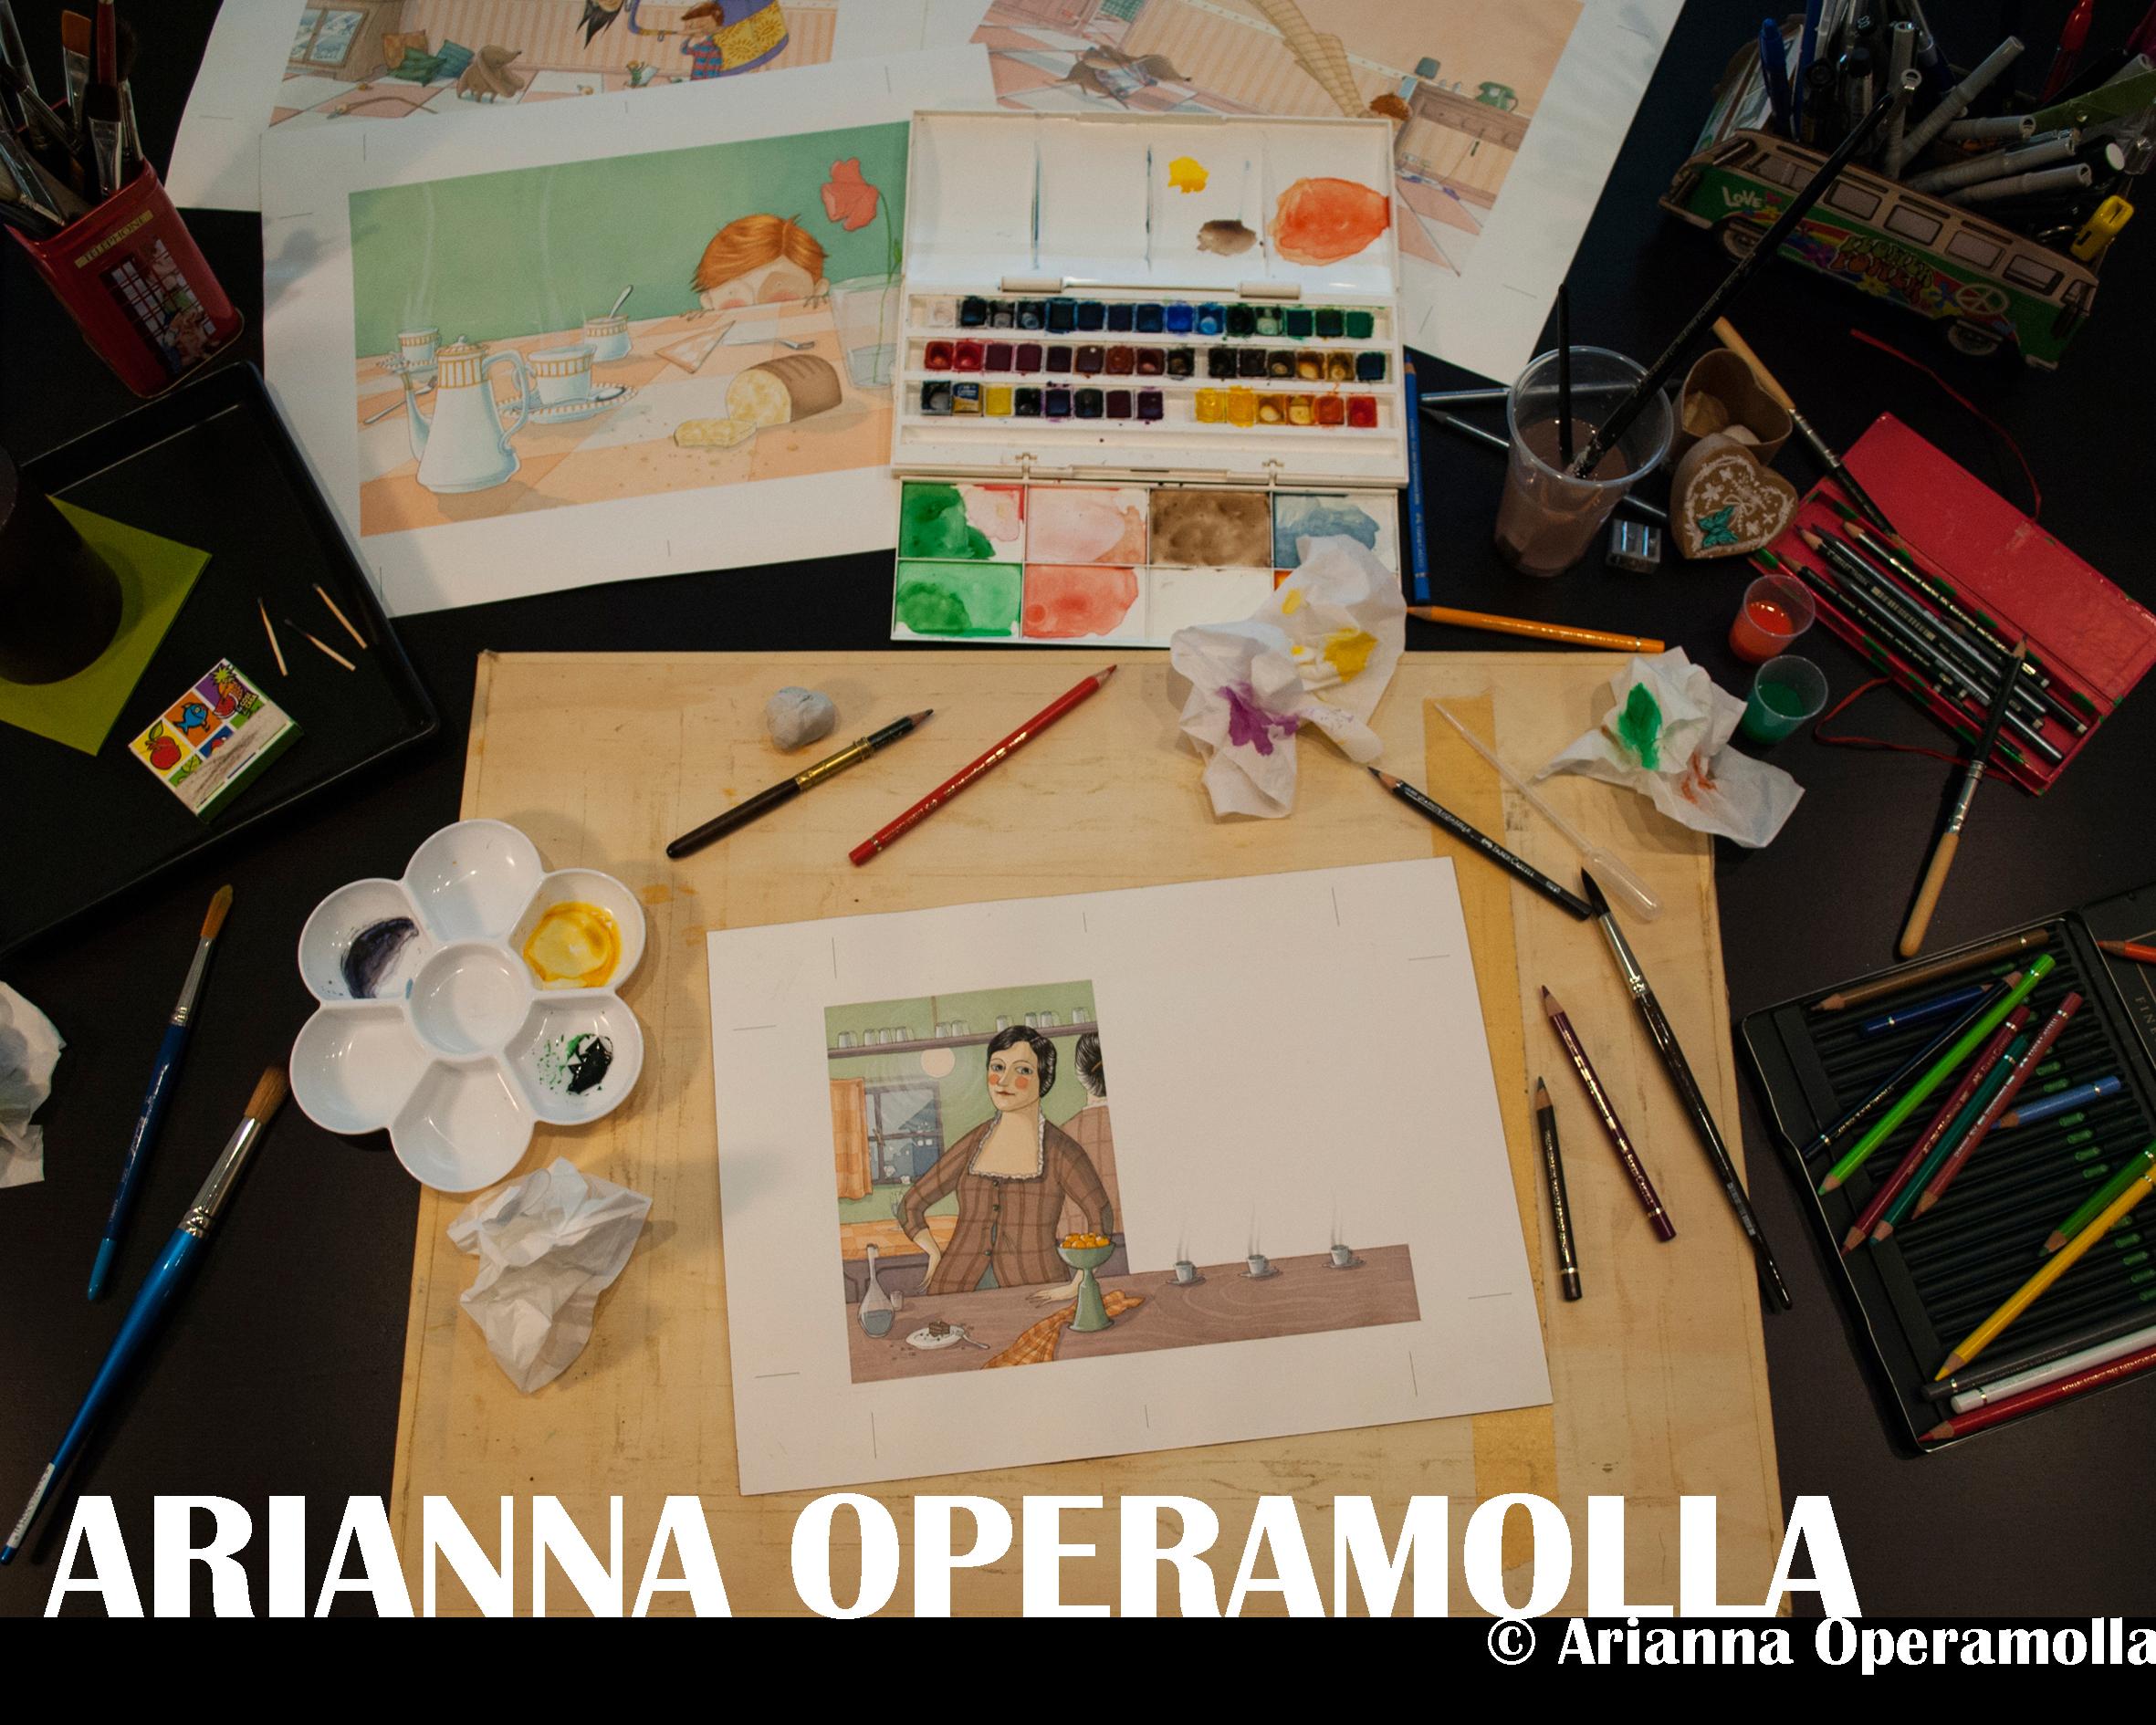 Arianna Operamolla